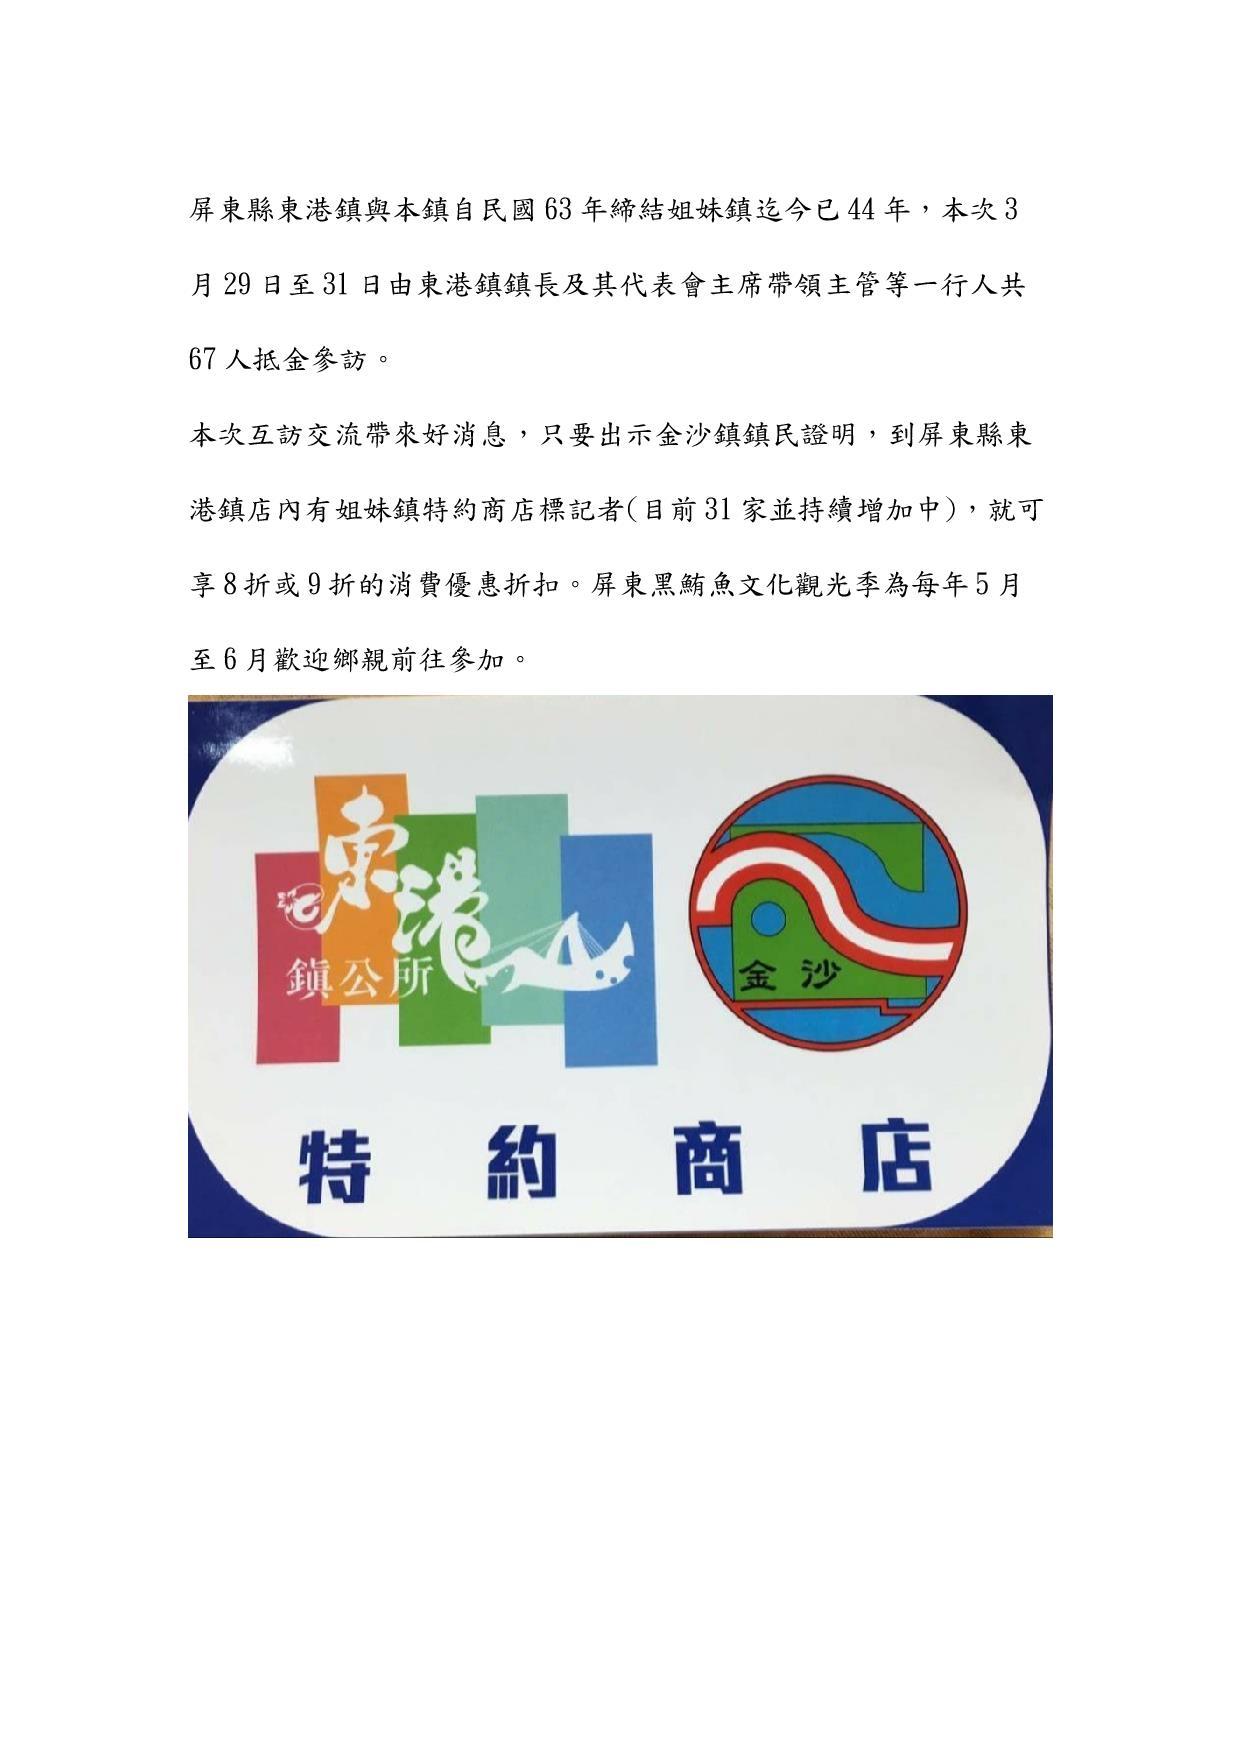 屏東縣東港鎮公所與金沙鎮公所自63年締結姐妹鎮迄今已44年